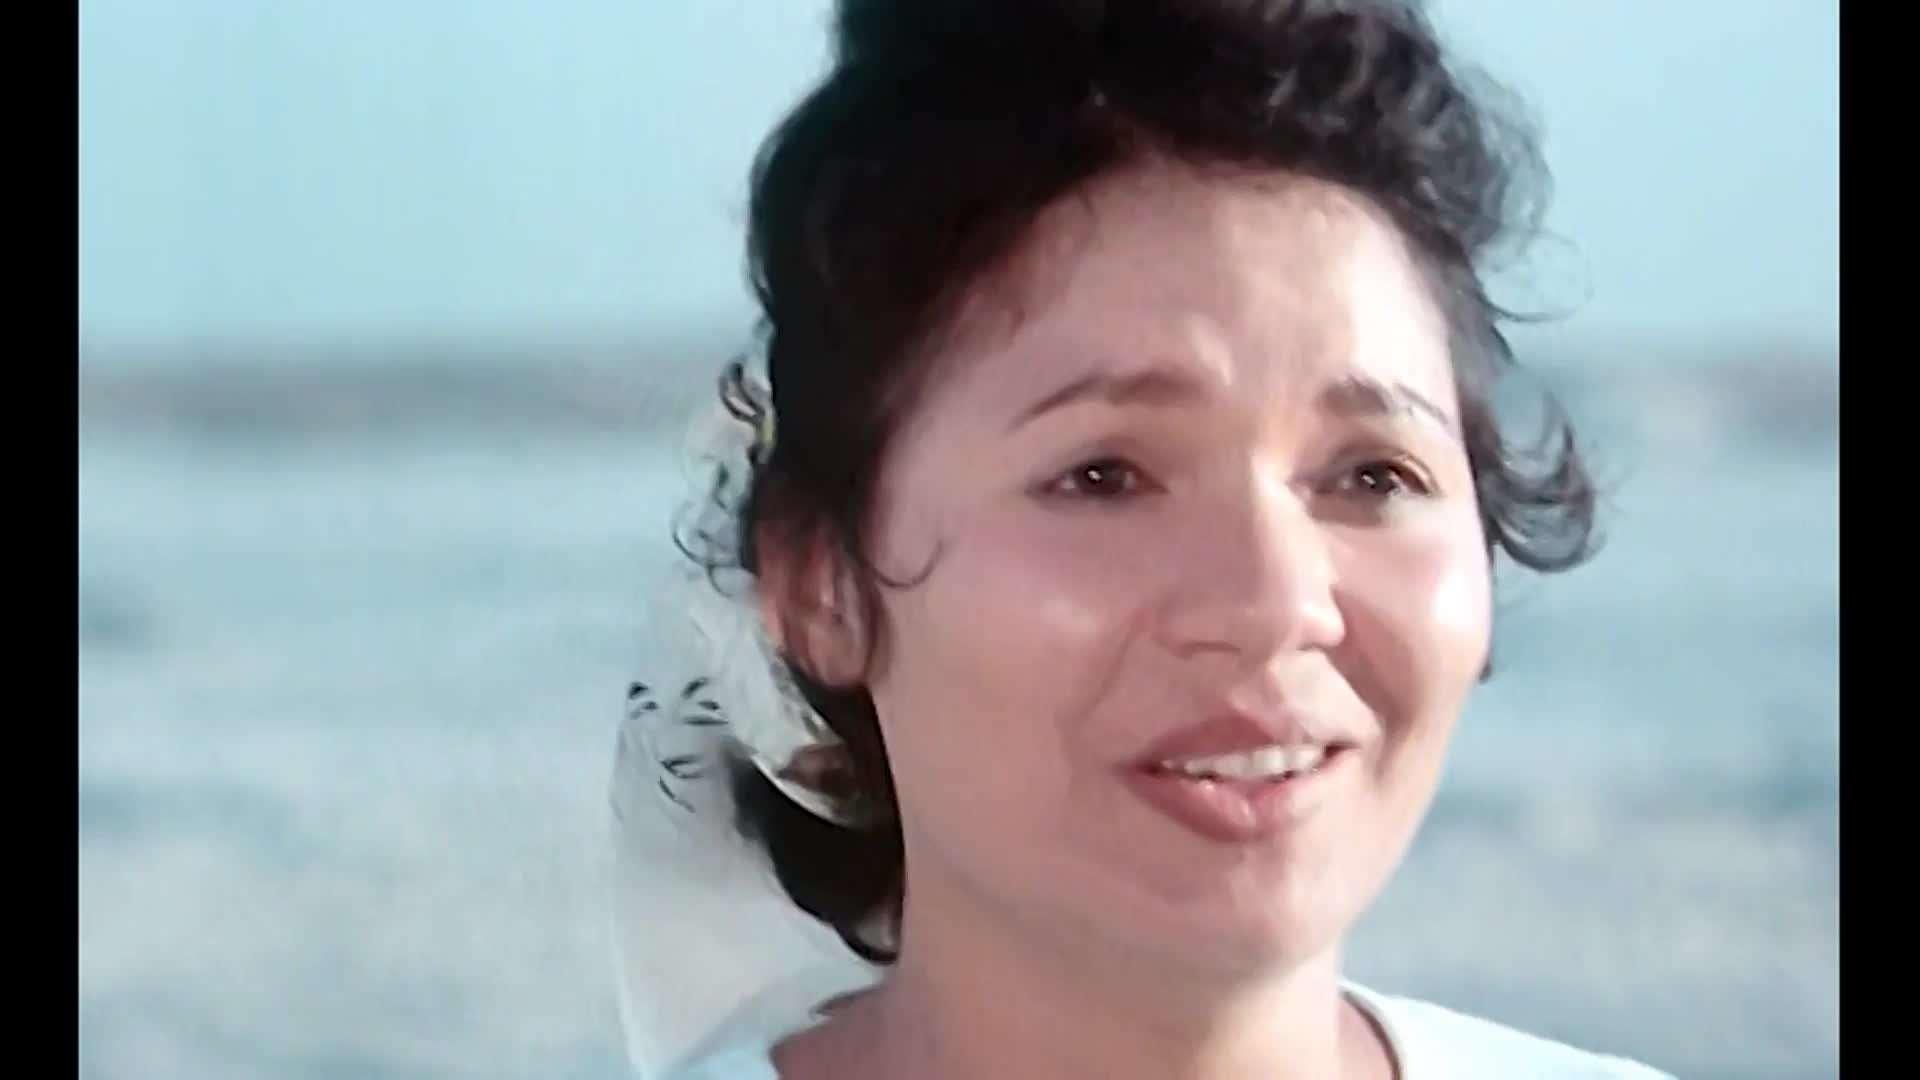 [فيلم][تورنت][تحميل][أحلام هند وكاميليا][1988][1080p][Web-DL] 14 arabp2p.com